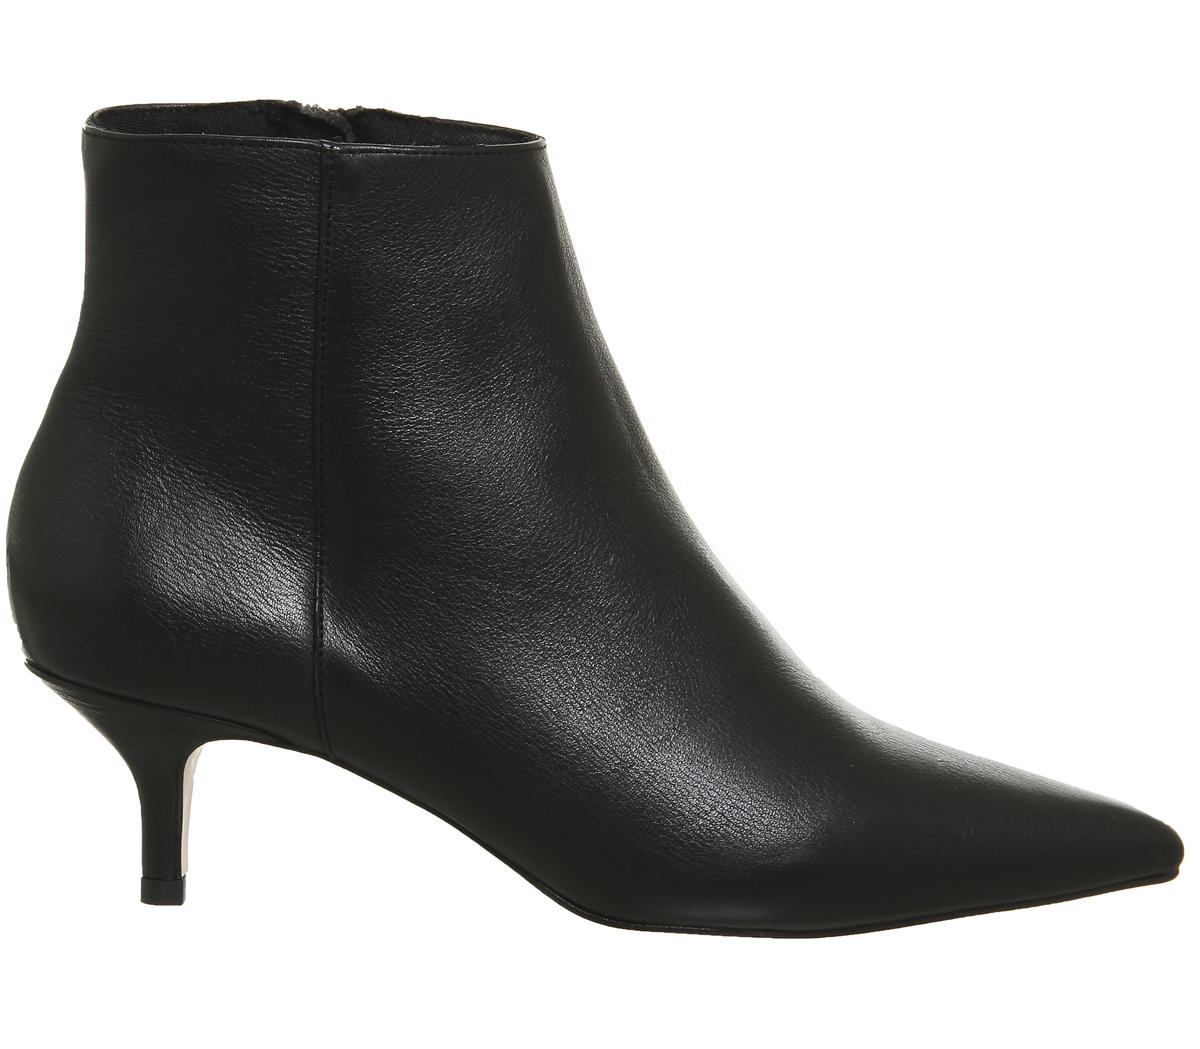 Womens OFFICE Alibi Kitten Heel BOOTS Black Leather BOOTS UK 4 | eBay